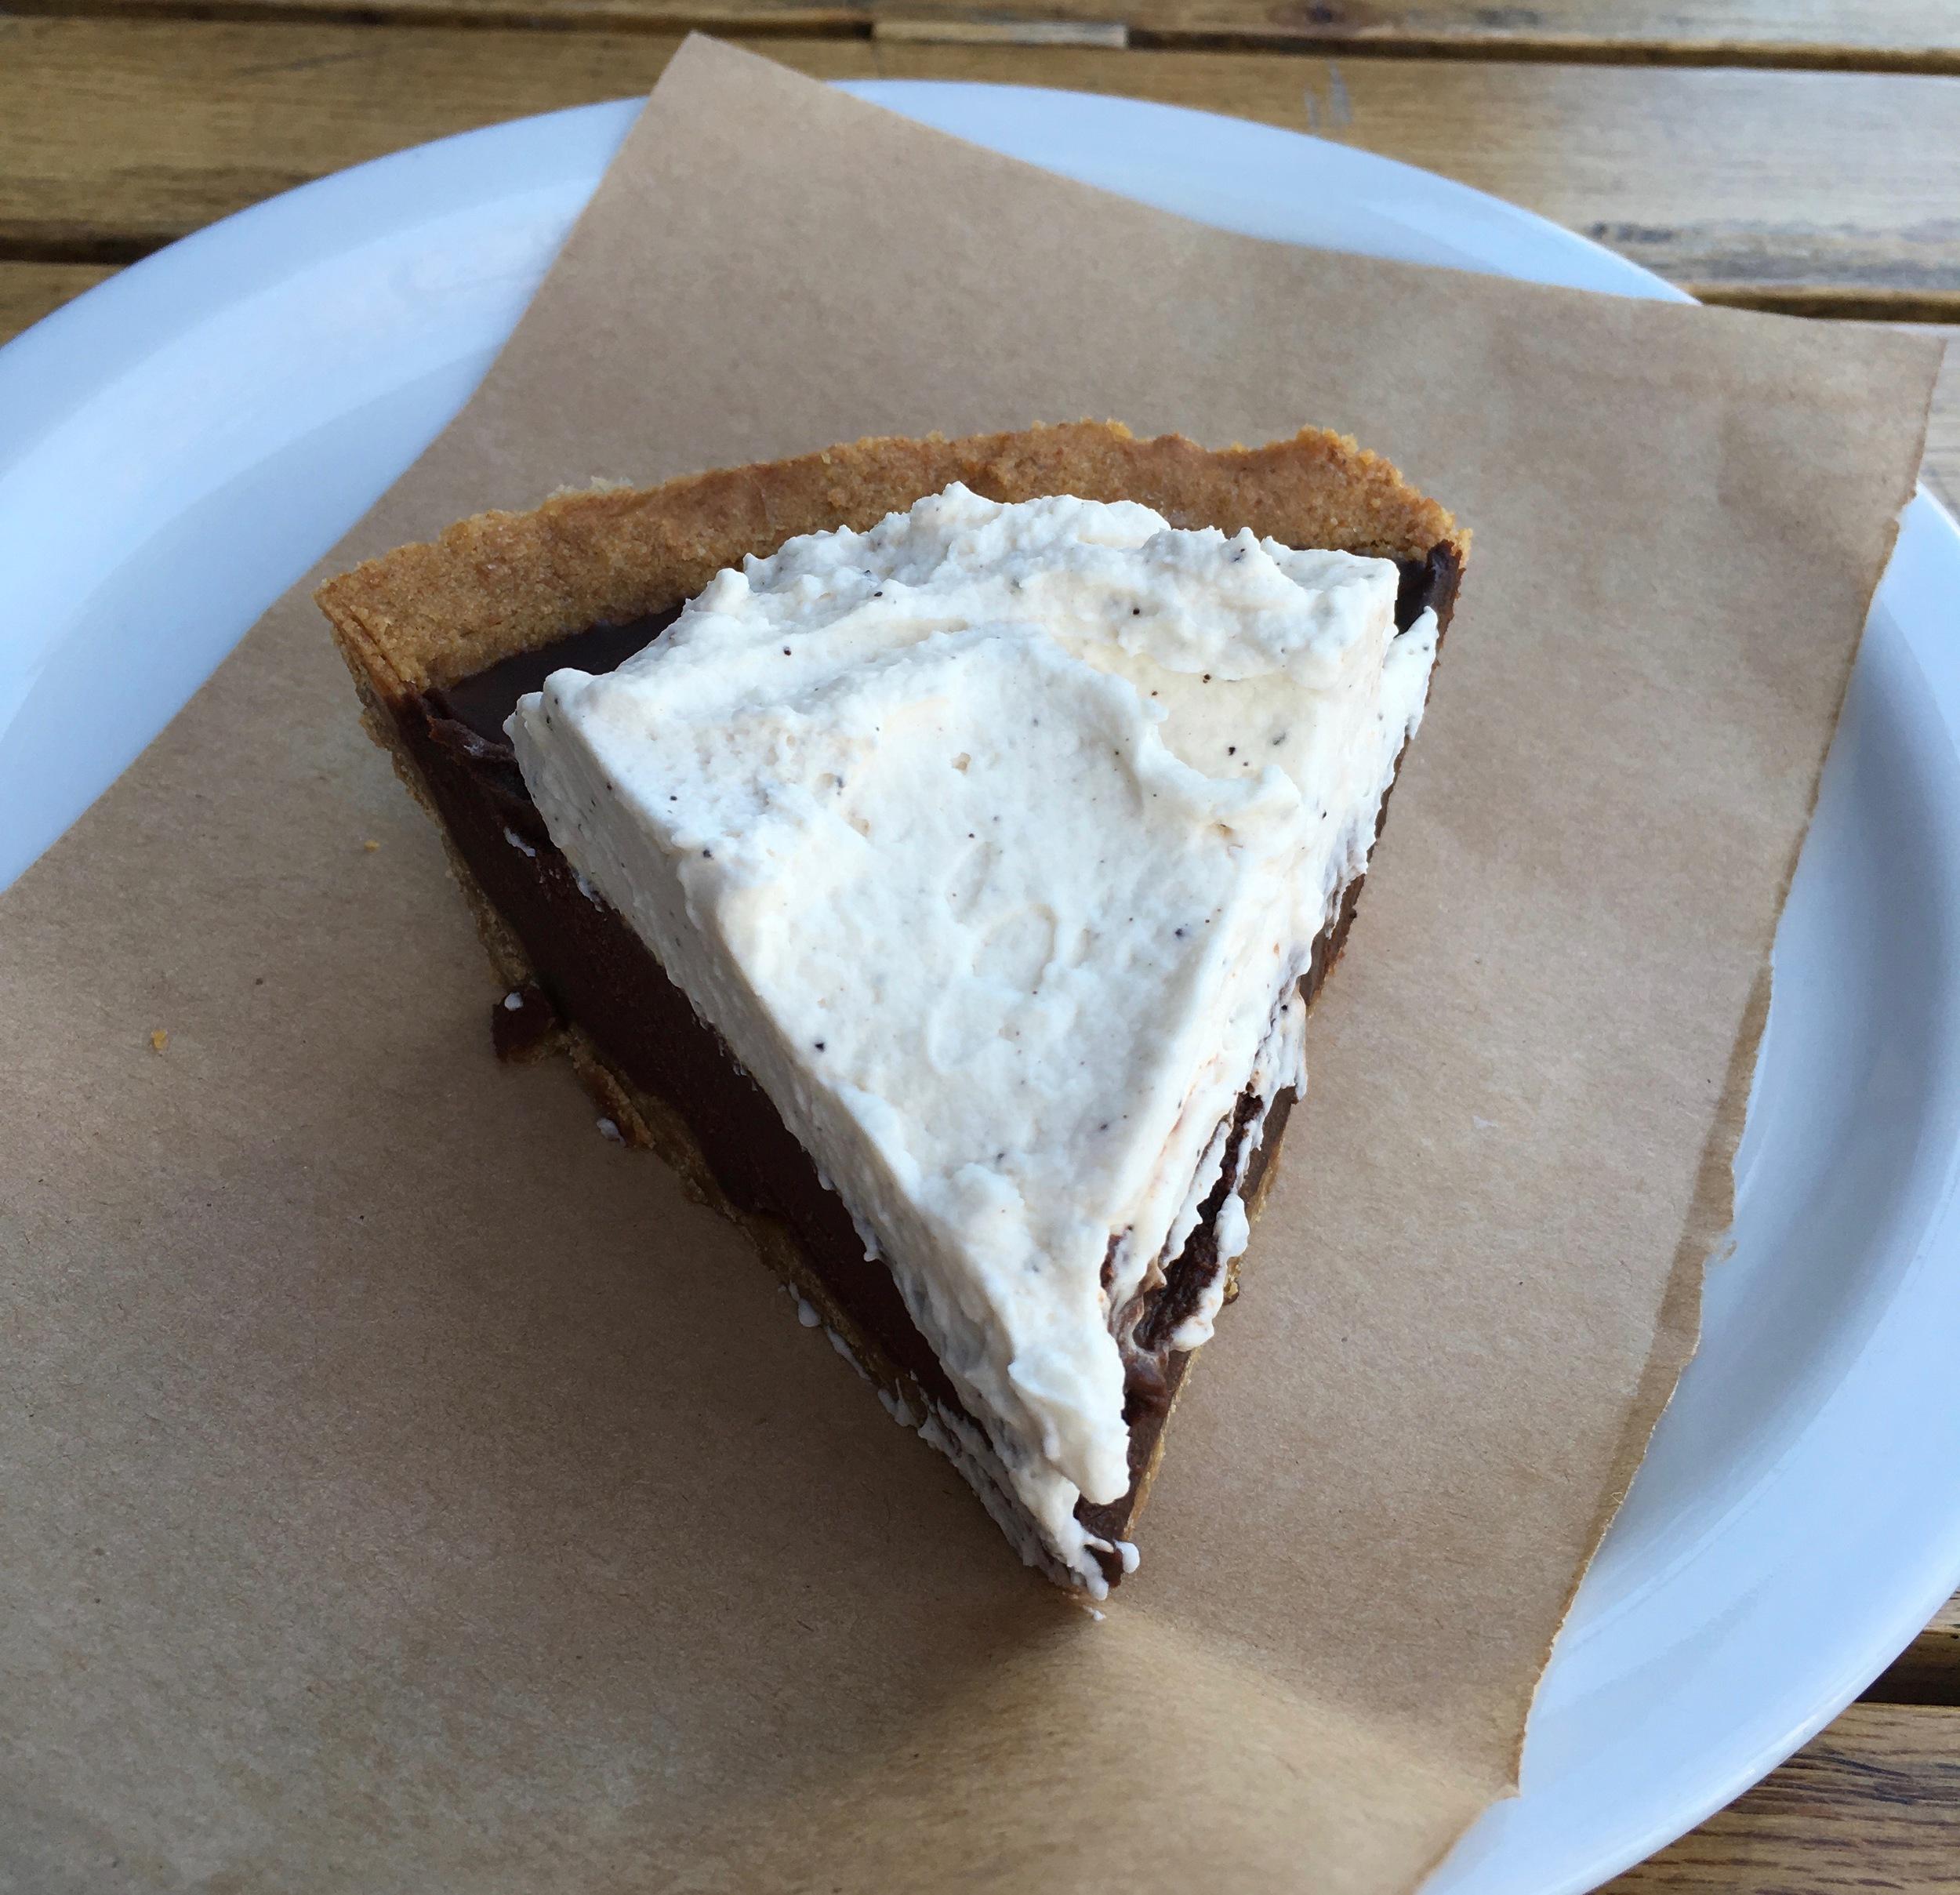 Ubiquitous butcher paper under Mexican chocolate pie.